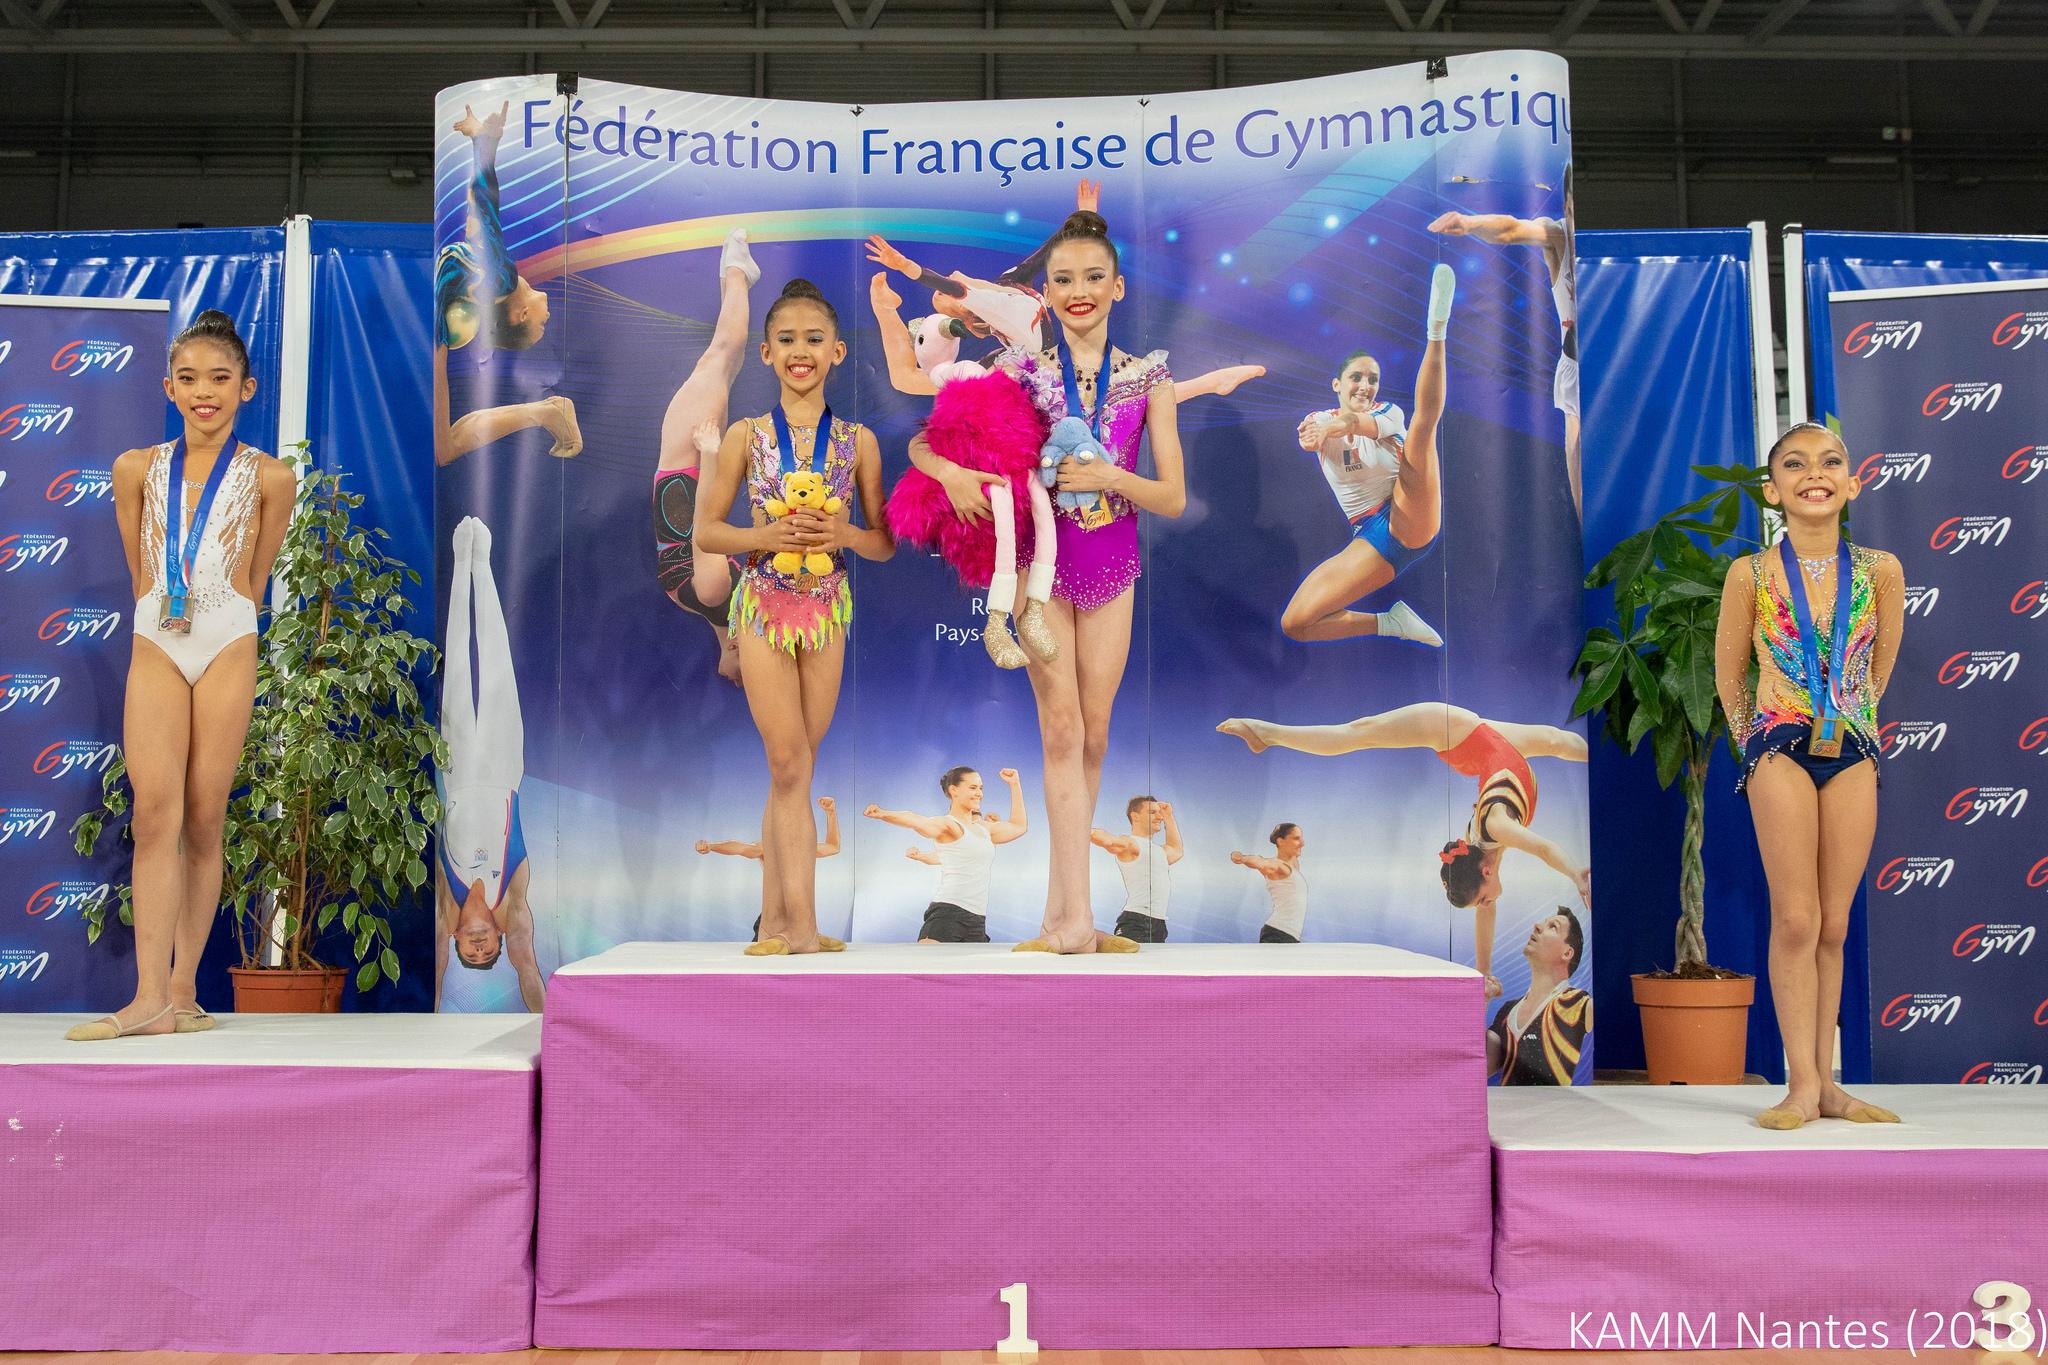 <p>Les championnats de France de Gymnastique Rythmique se sont ouverts hier à la Trocardière avec la catégorie Avenirs. Après une belle compétition, nous connaissons les noms des deux nouvelles championnes de France 2018. Chez les 10 ans, Line Pouvreaux (Union Hoerdt) a été sacrée championne de France avec 24,983 points. [&hellip;]</p>